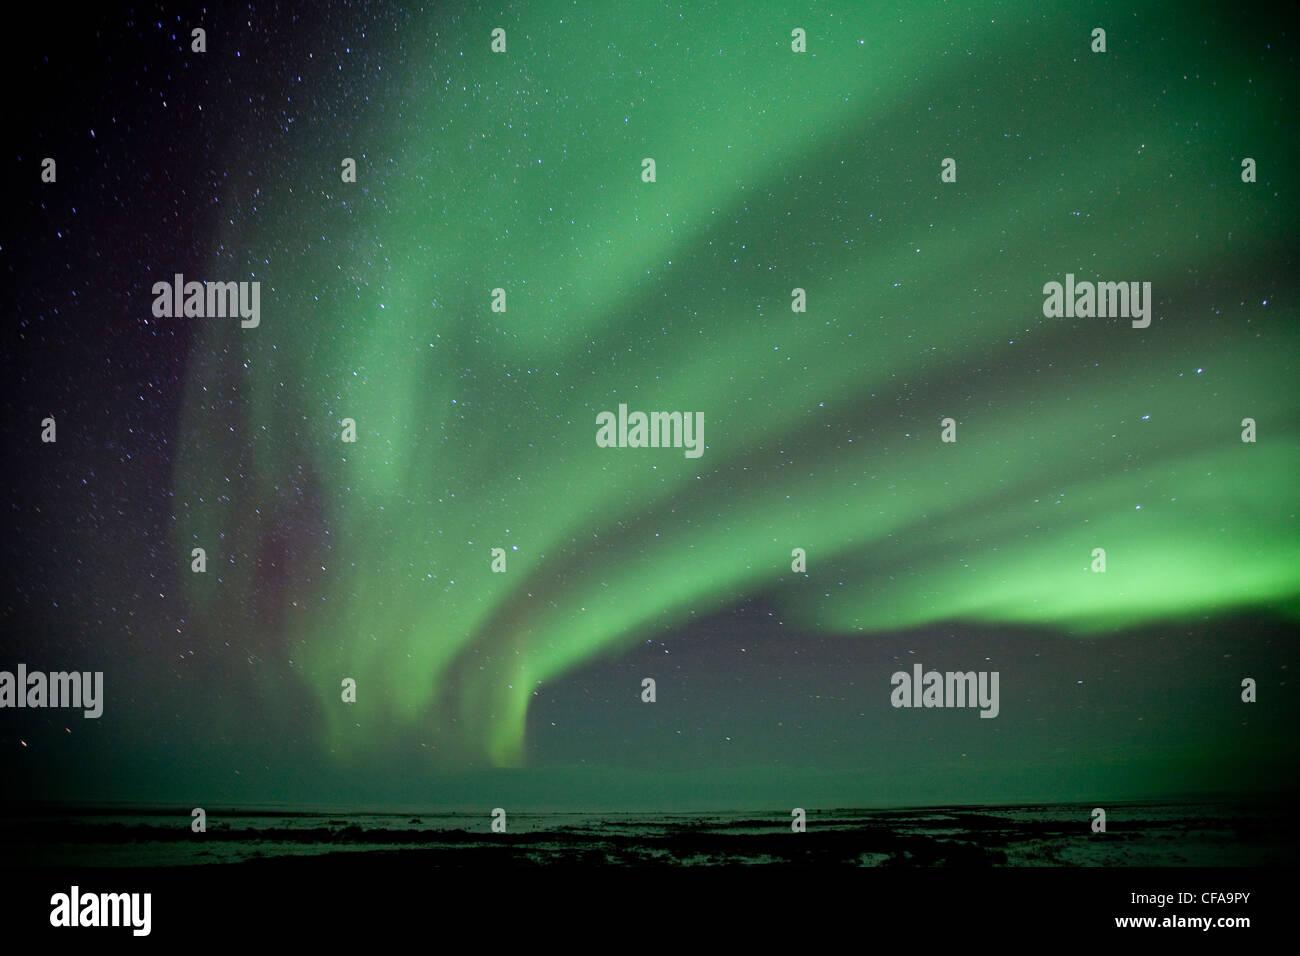 Northern Lights et ciel étoilé près de l'estuaire de la rivière Seal le long de la côte Photo Stock